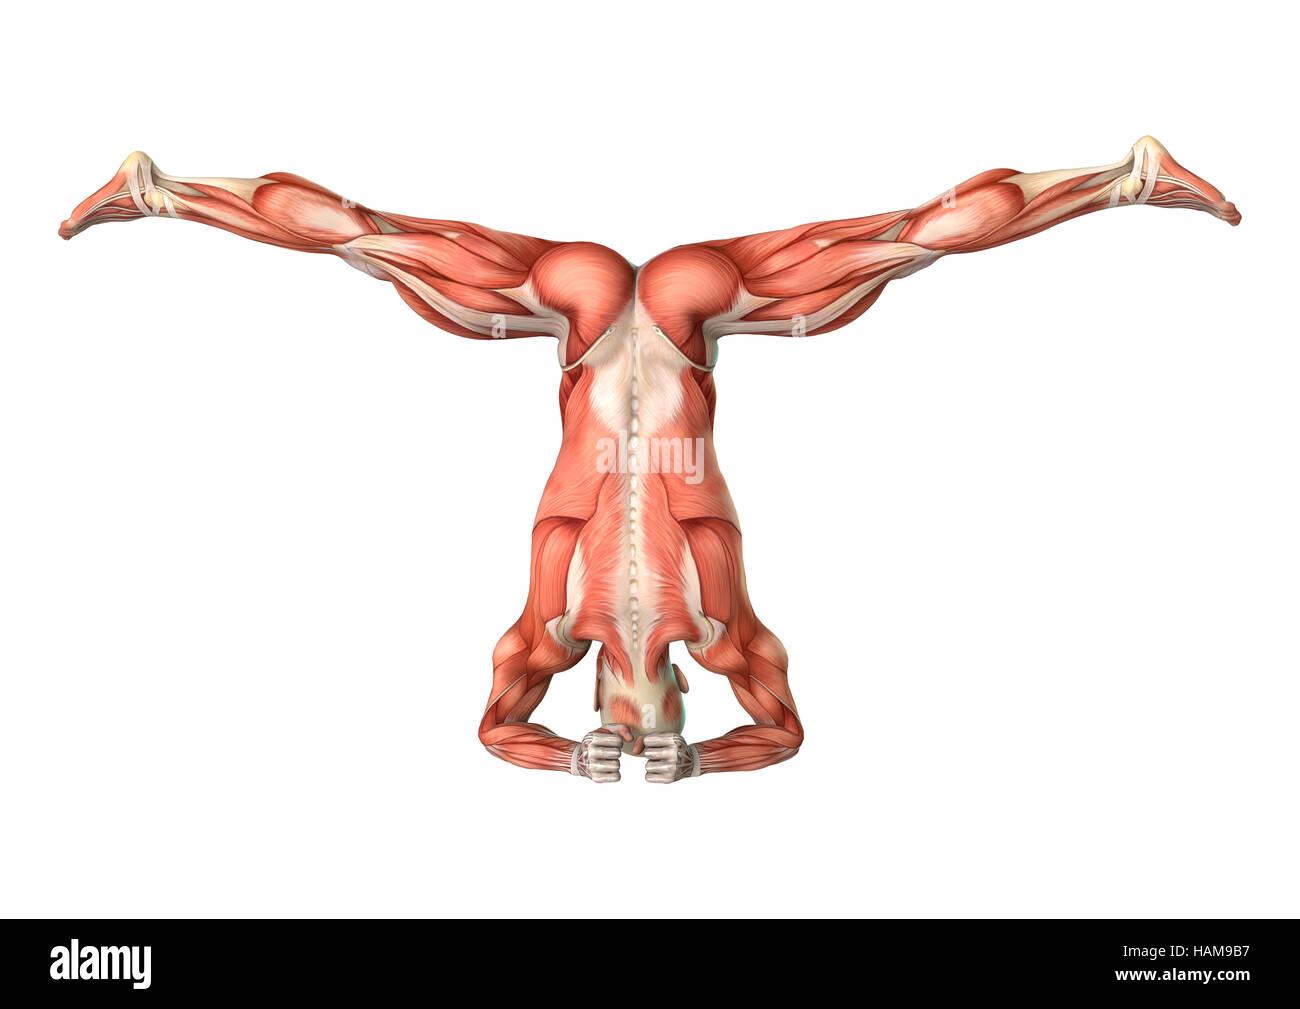 Ziemlich Menschliche Figur Anatomie Galerie - Anatomie Ideen ...